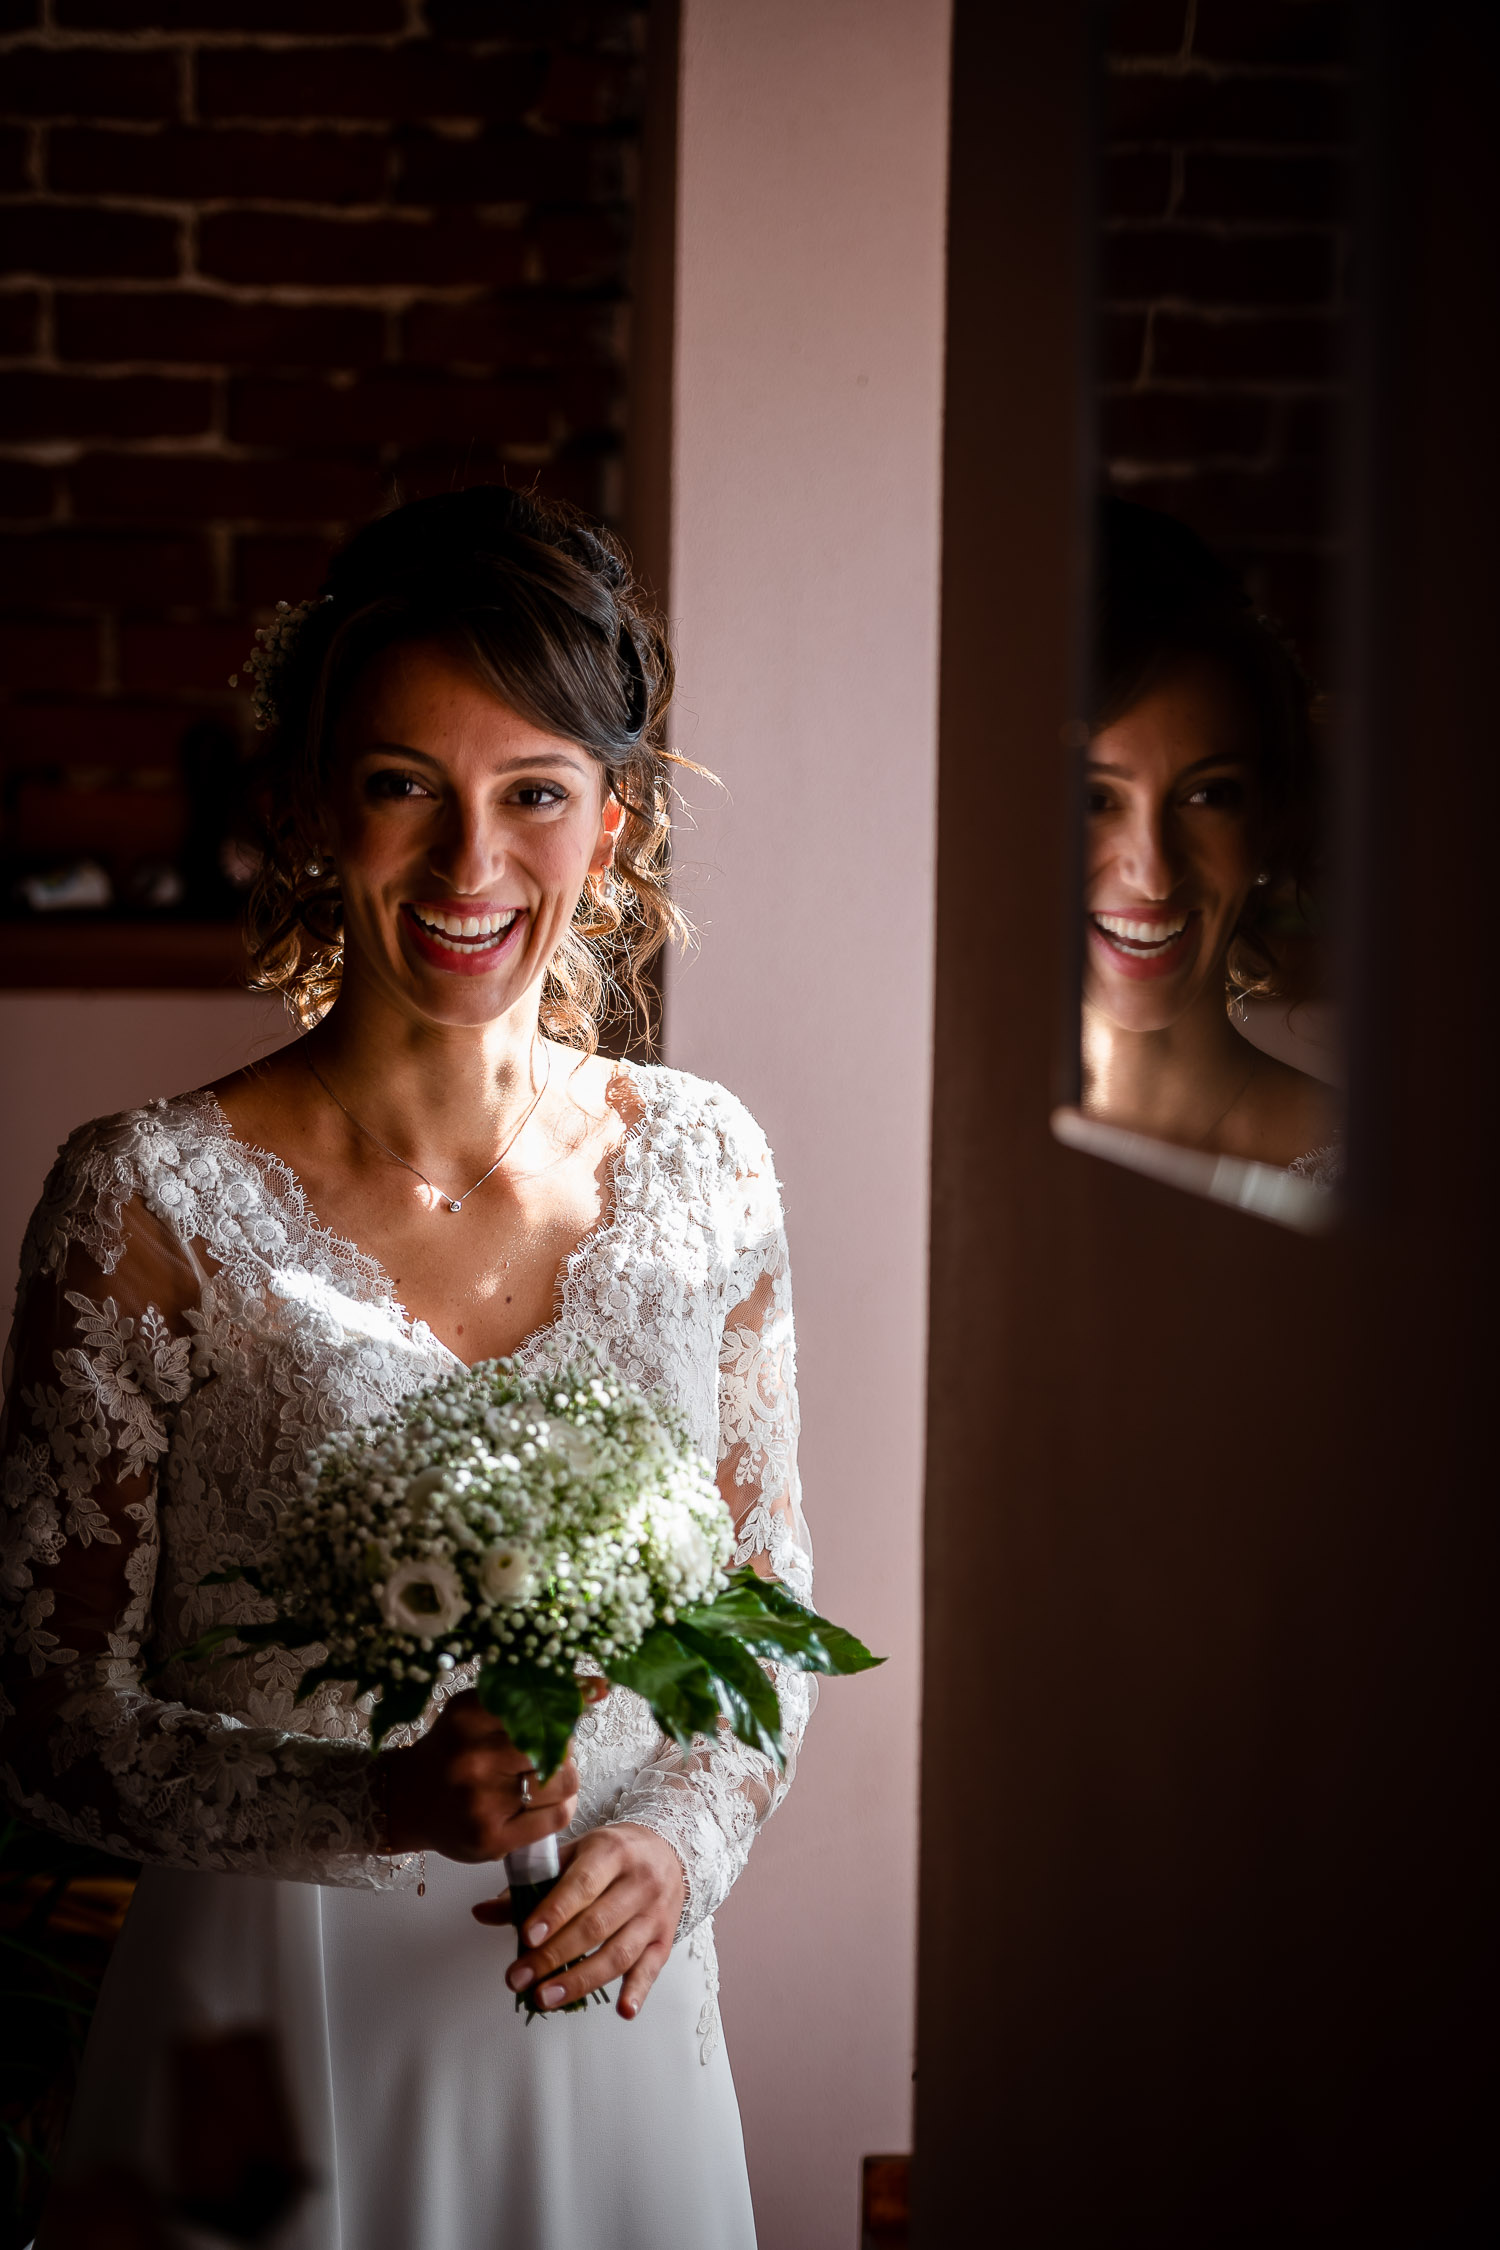 Matrimonio-romantico-in-piemonte-Cumiana-Paolo-Mantovan-fotografia-0050